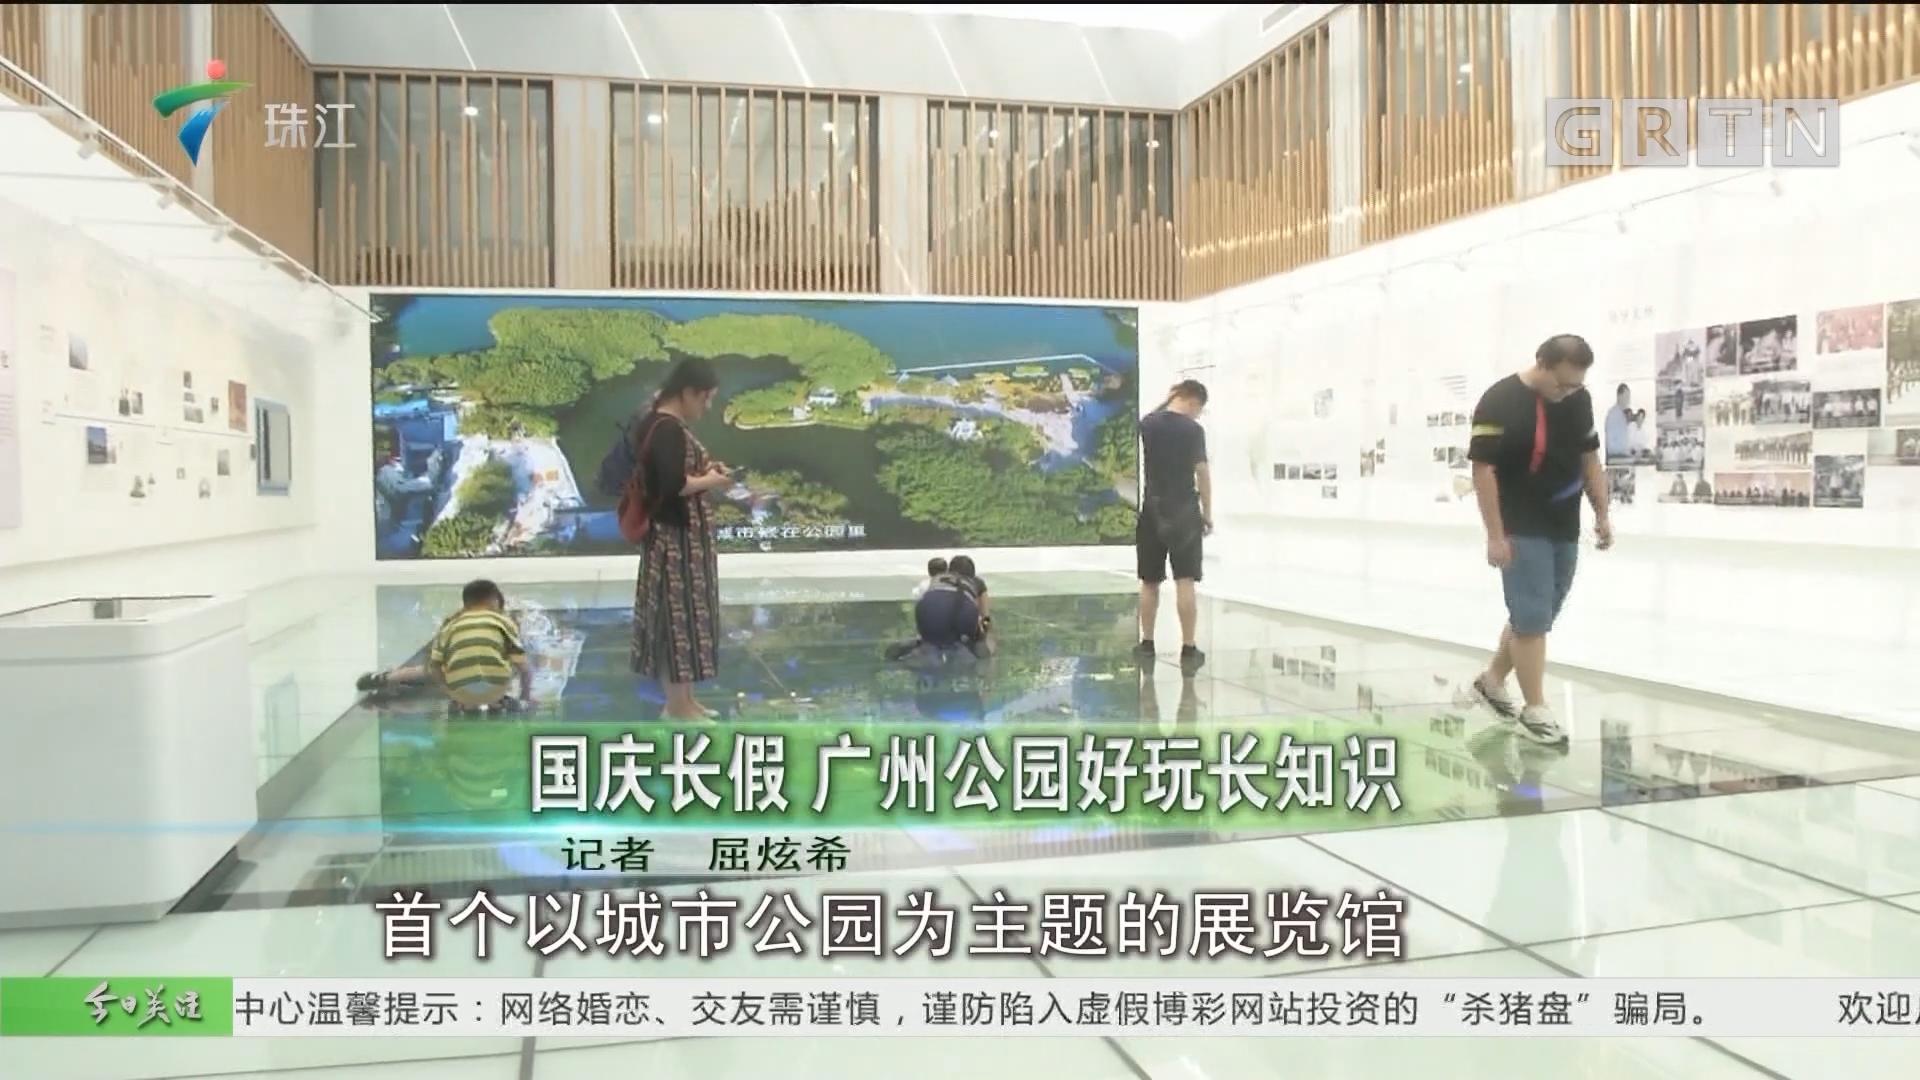 国庆长假 广州公园好玩长知识